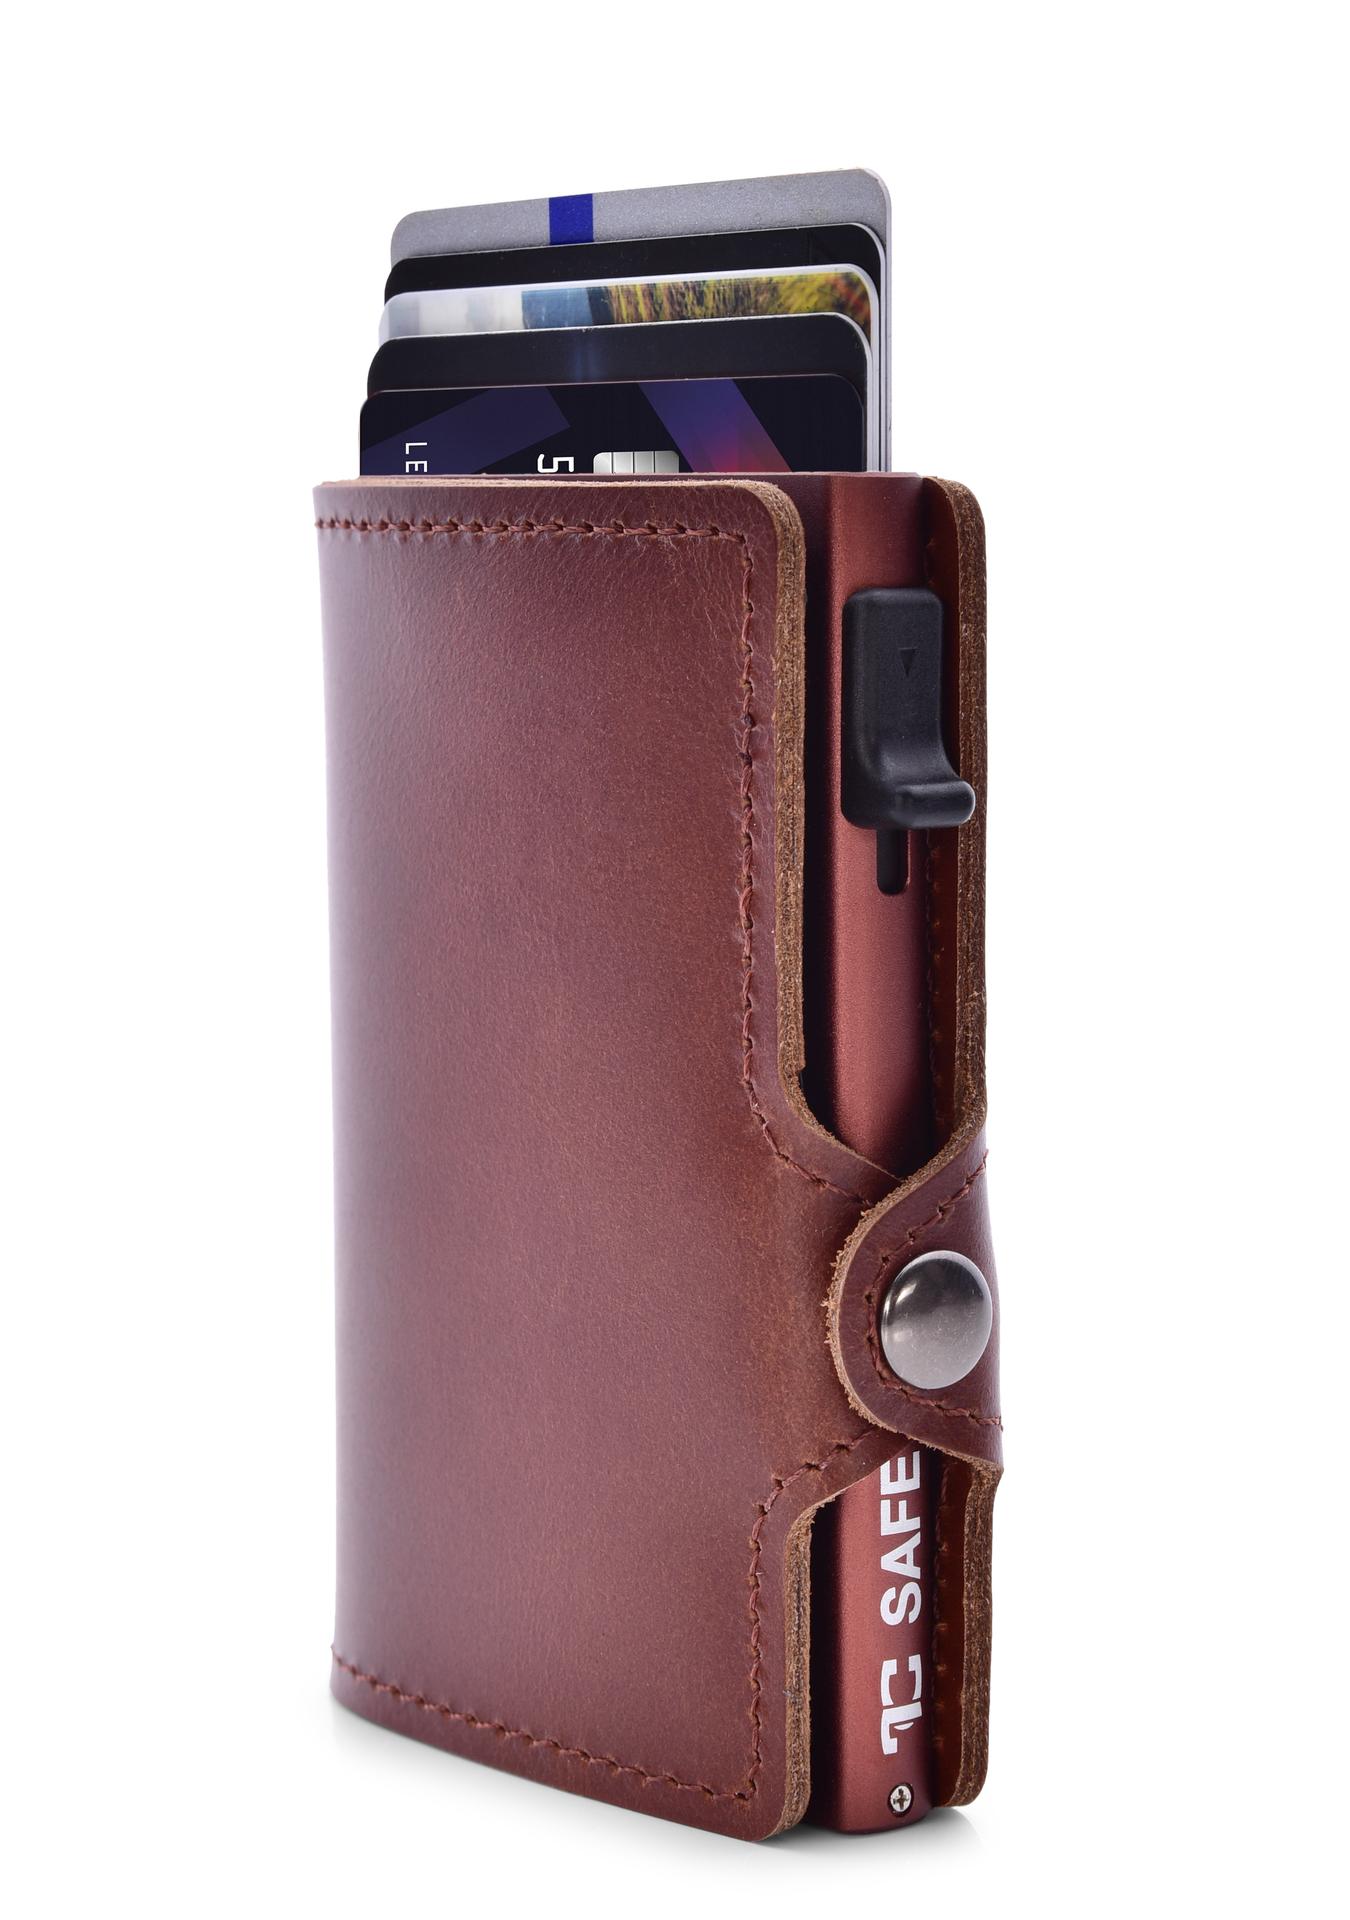 FC SAFE kožená peněženka pro ochranu platebních karet